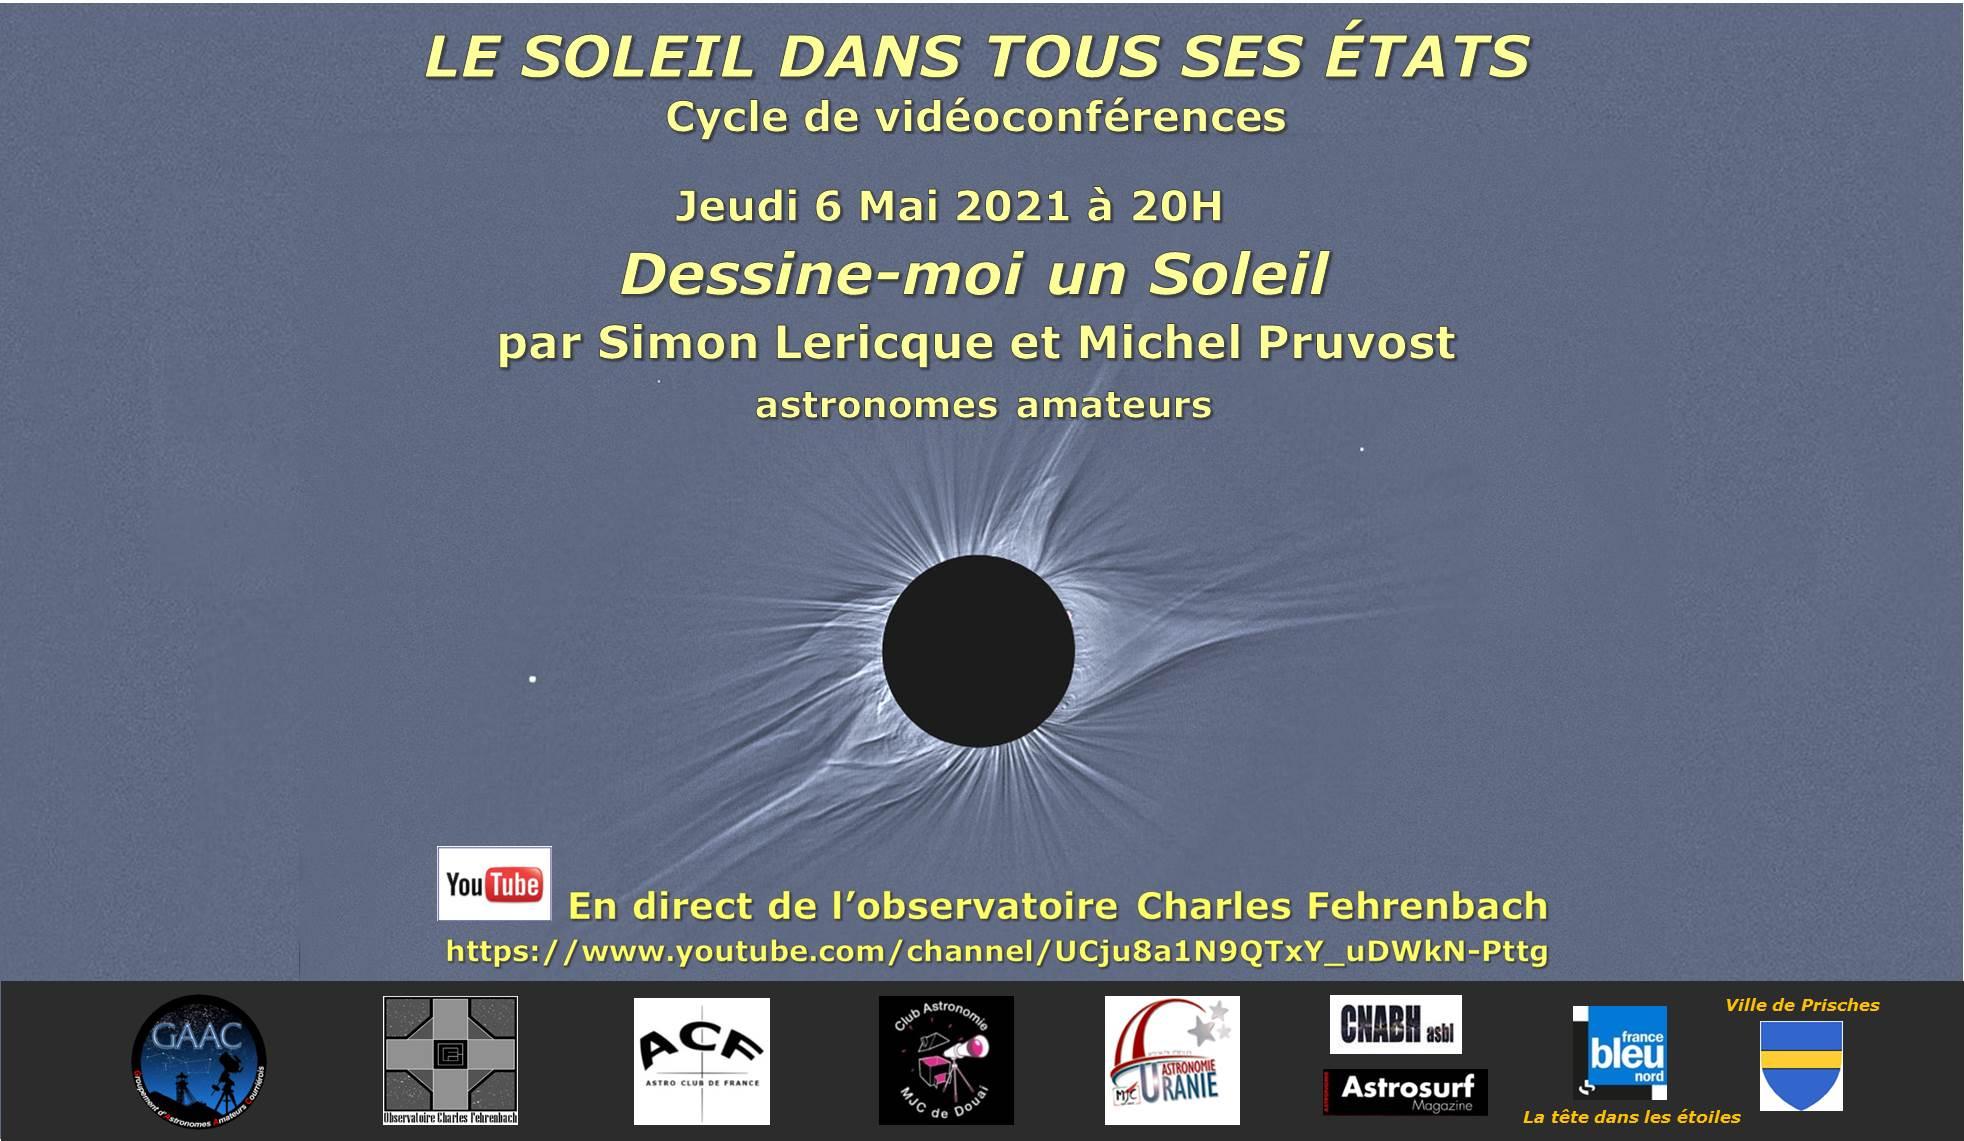 Affiche 5_Simon Lericque et Michel Pruvost.jpg